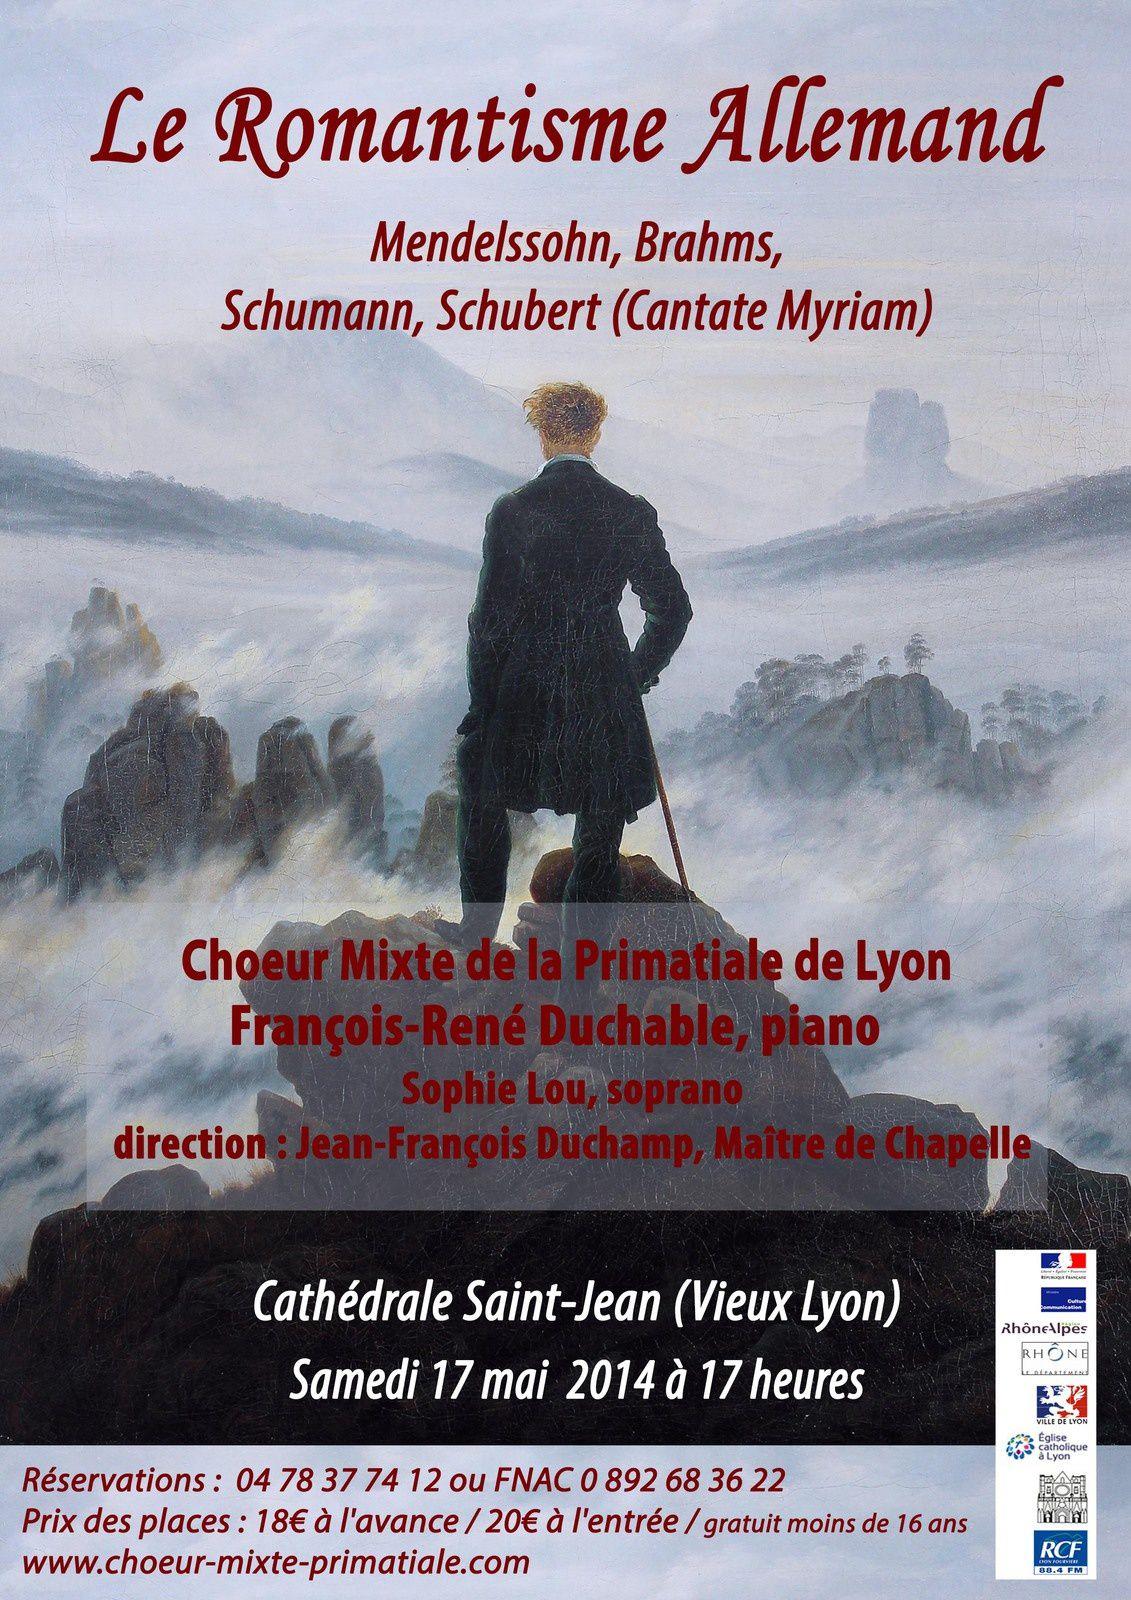 Le Choeur Mixte de la Primatiale de Lyon en concert